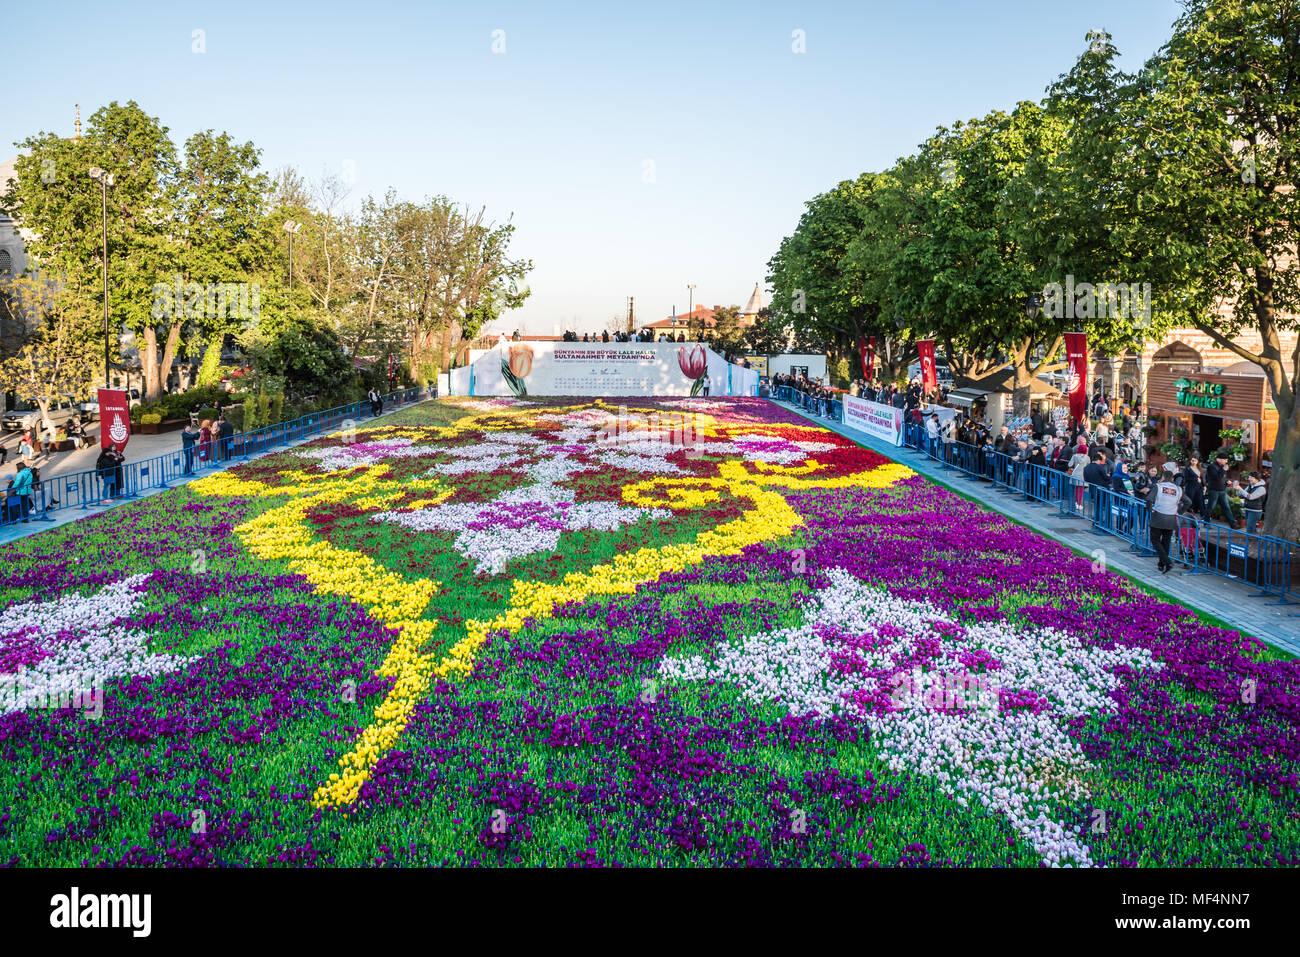 Tomar fotografías de personas no identificadas de tulipanes de alfombras más grande del mundo en Sultanahmet para festival de tulipanes en Estambul, Turquía.21 de abril de 2018 Foto de stock